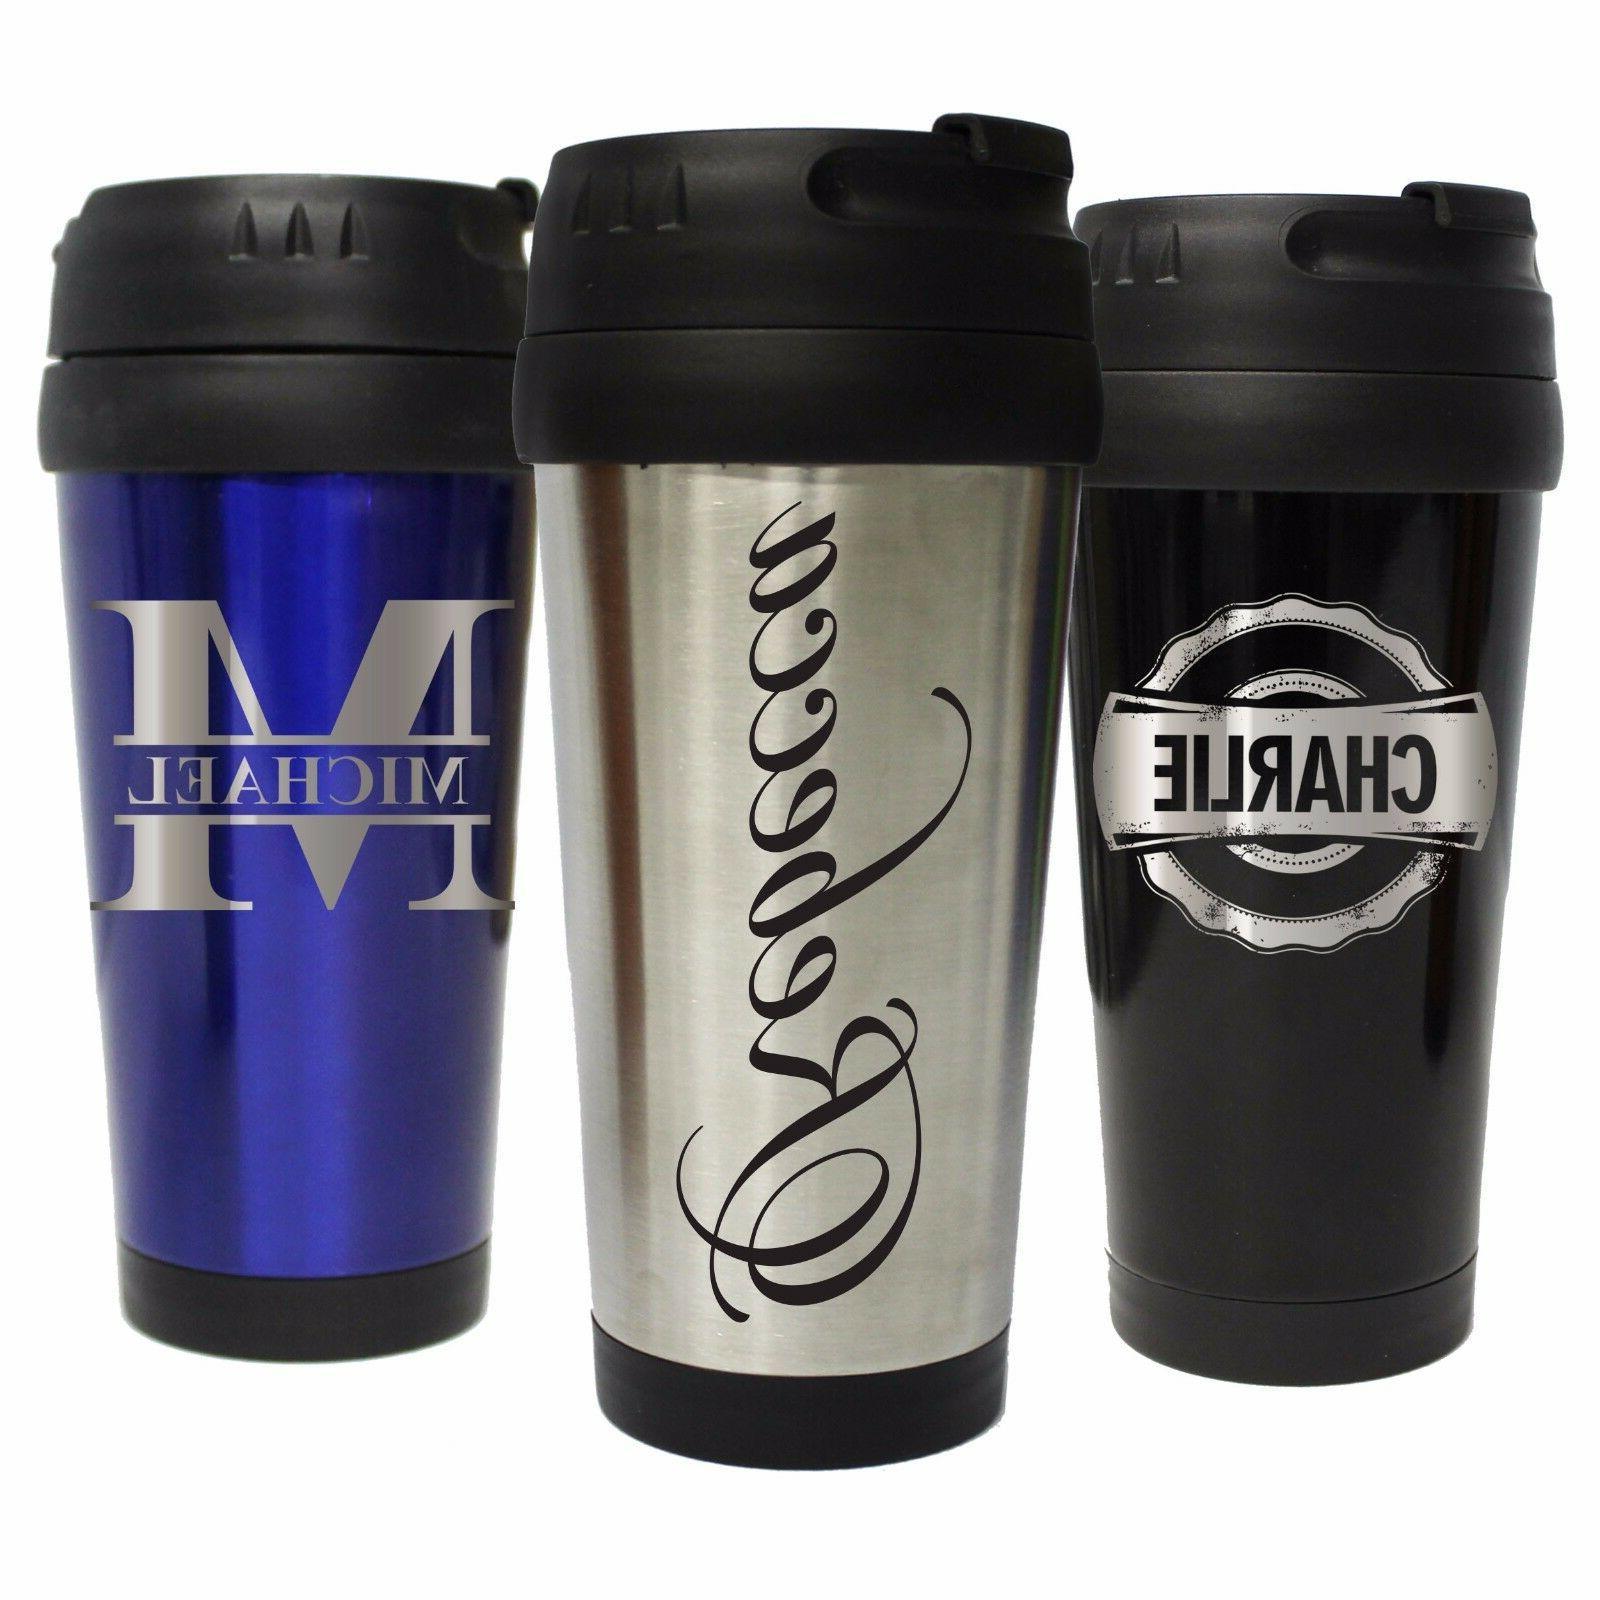 Personalized Travel Coffee Mug 16 oz - Custom Engraved Tumbl